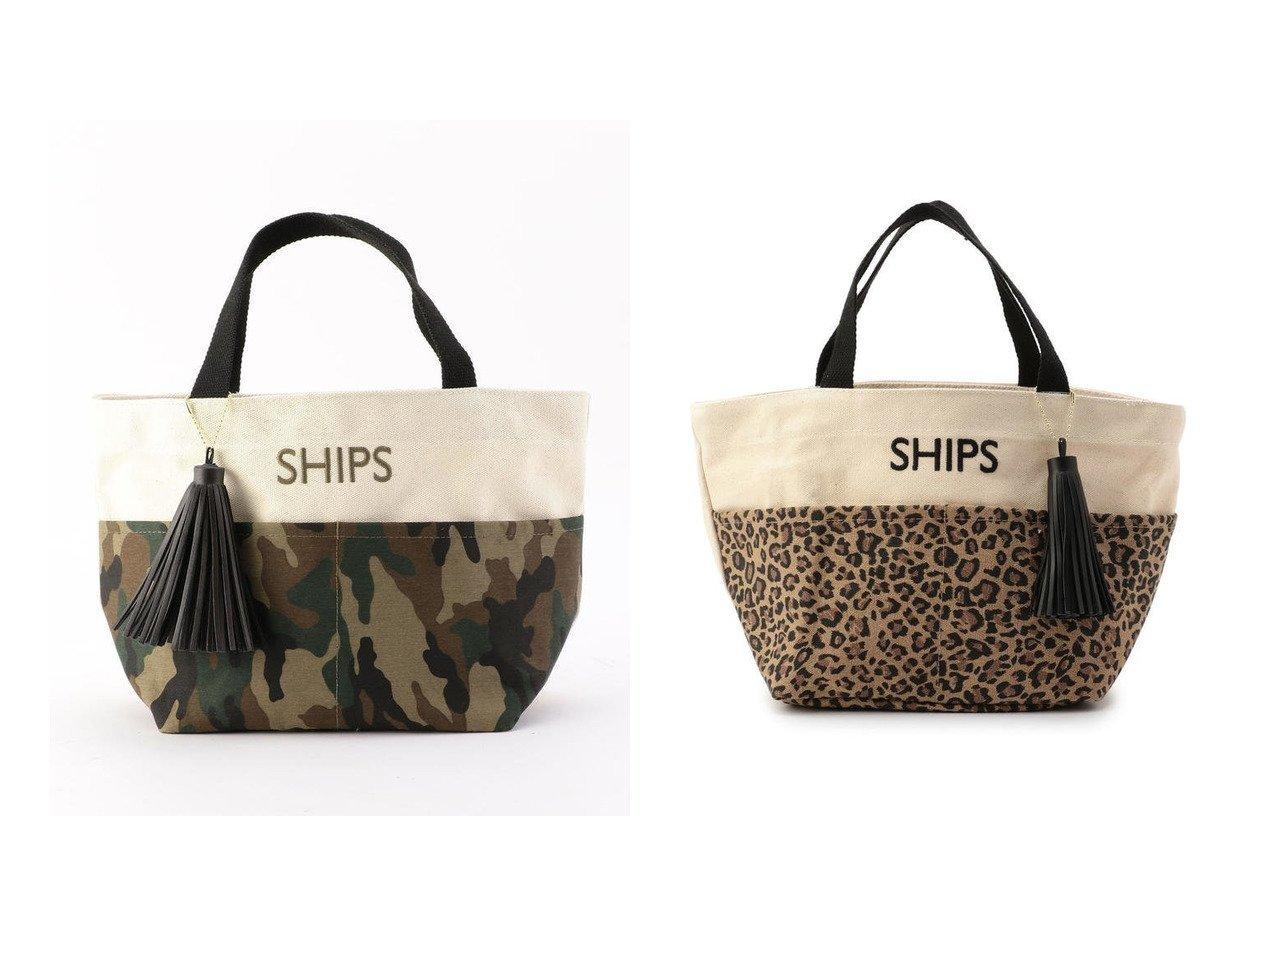 【SHIPS/シップス フォー ウィメン】のタッセル ポケットトートバッグ SHIPSのおすすめ!人気、トレンド・レディースファッションの通販  おすすめで人気の流行・トレンド、ファッションの通販商品 メンズファッション・キッズファッション・インテリア・家具・レディースファッション・服の通販 founy(ファニー) https://founy.com/ ファッション Fashion レディースファッション WOMEN バッグ Bag タッセル フロント ポケット ポーチ |ID:crp329100000020228